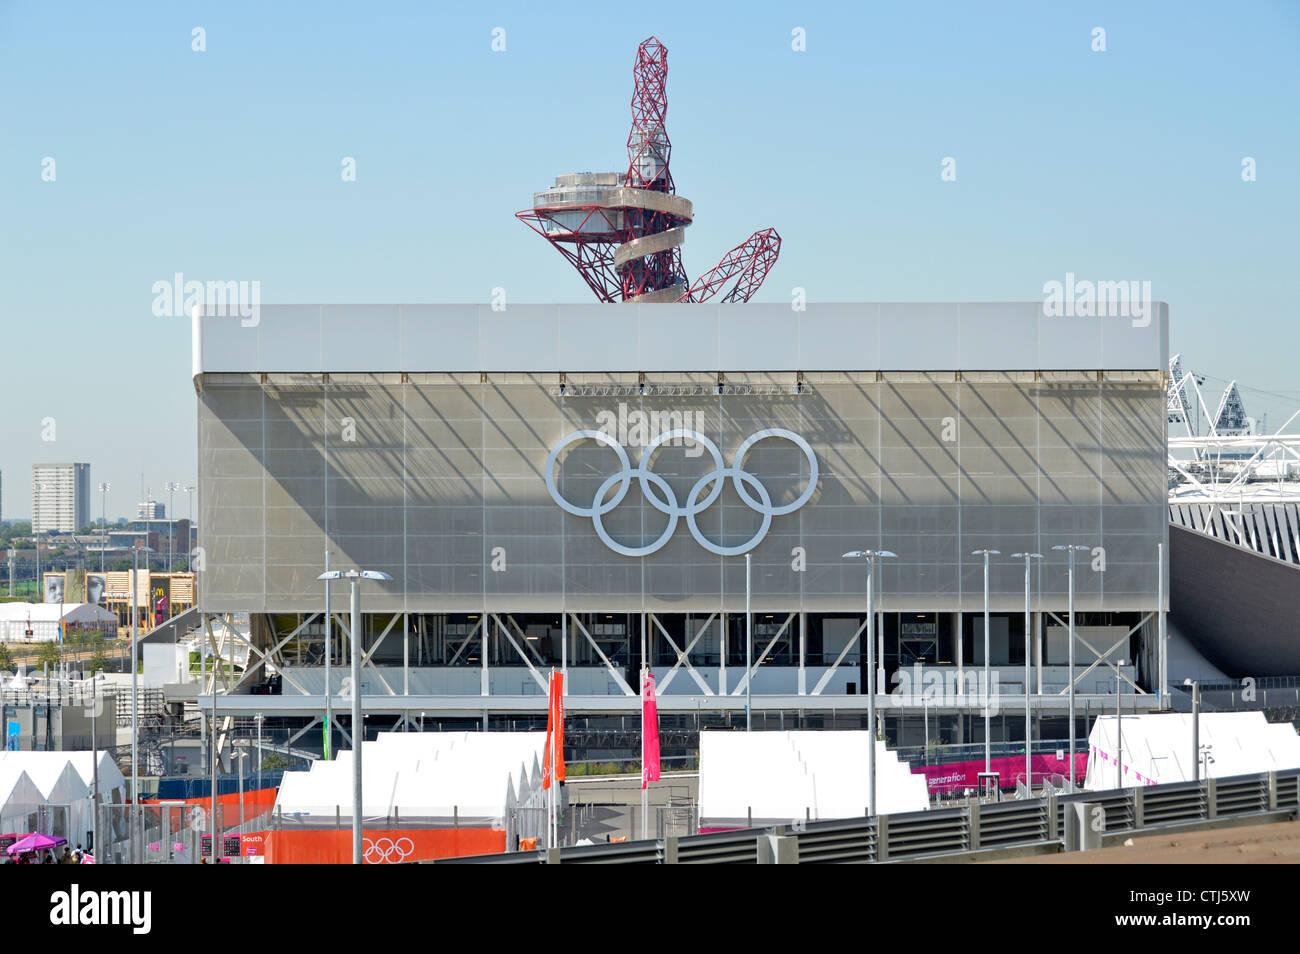 Olympischen Ringe auf die Aquatics Centre mit der ArcelorMittal Orbit Turm über die Olympischen Spiele 2012, Stratford, Stockfoto